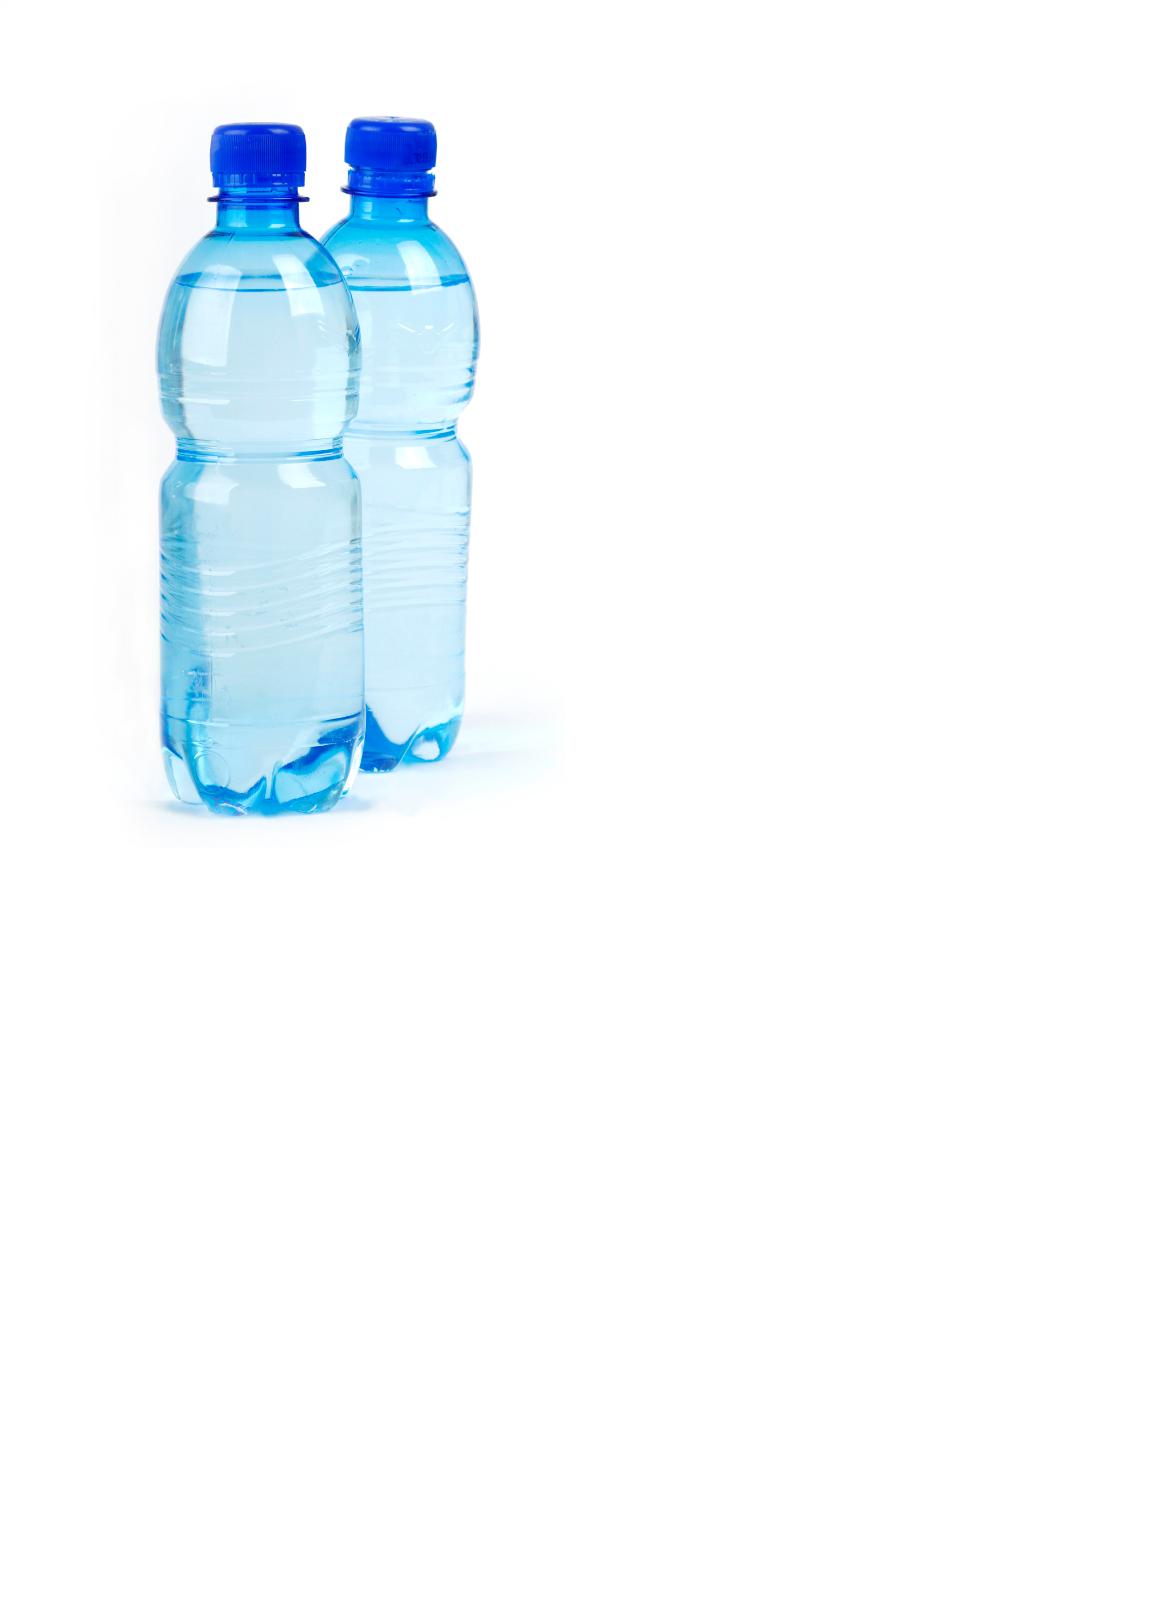 impacto ecologico en las botellas de plastico « Vida Saludable.